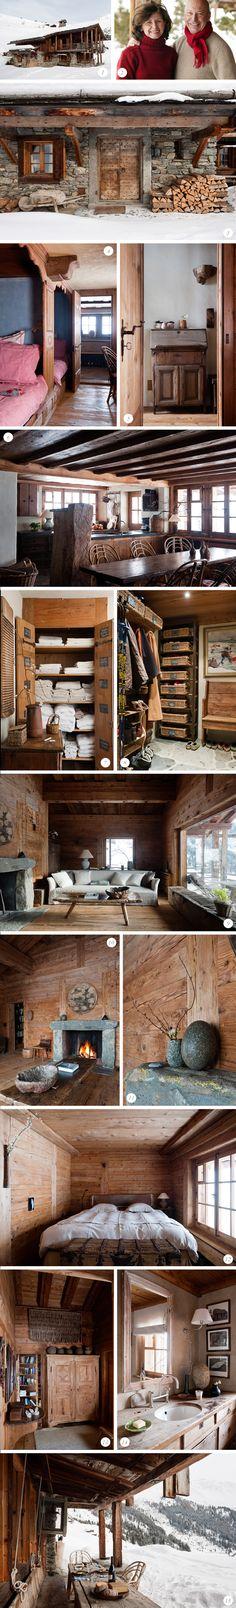 Luxurious Simplicity-Gipfelstrmer Axel Vervoordt, one of my idols! ...repinned für Gewinner!  - jetzt gratis Erfolgsratgeber sichern www.ratsucher.de